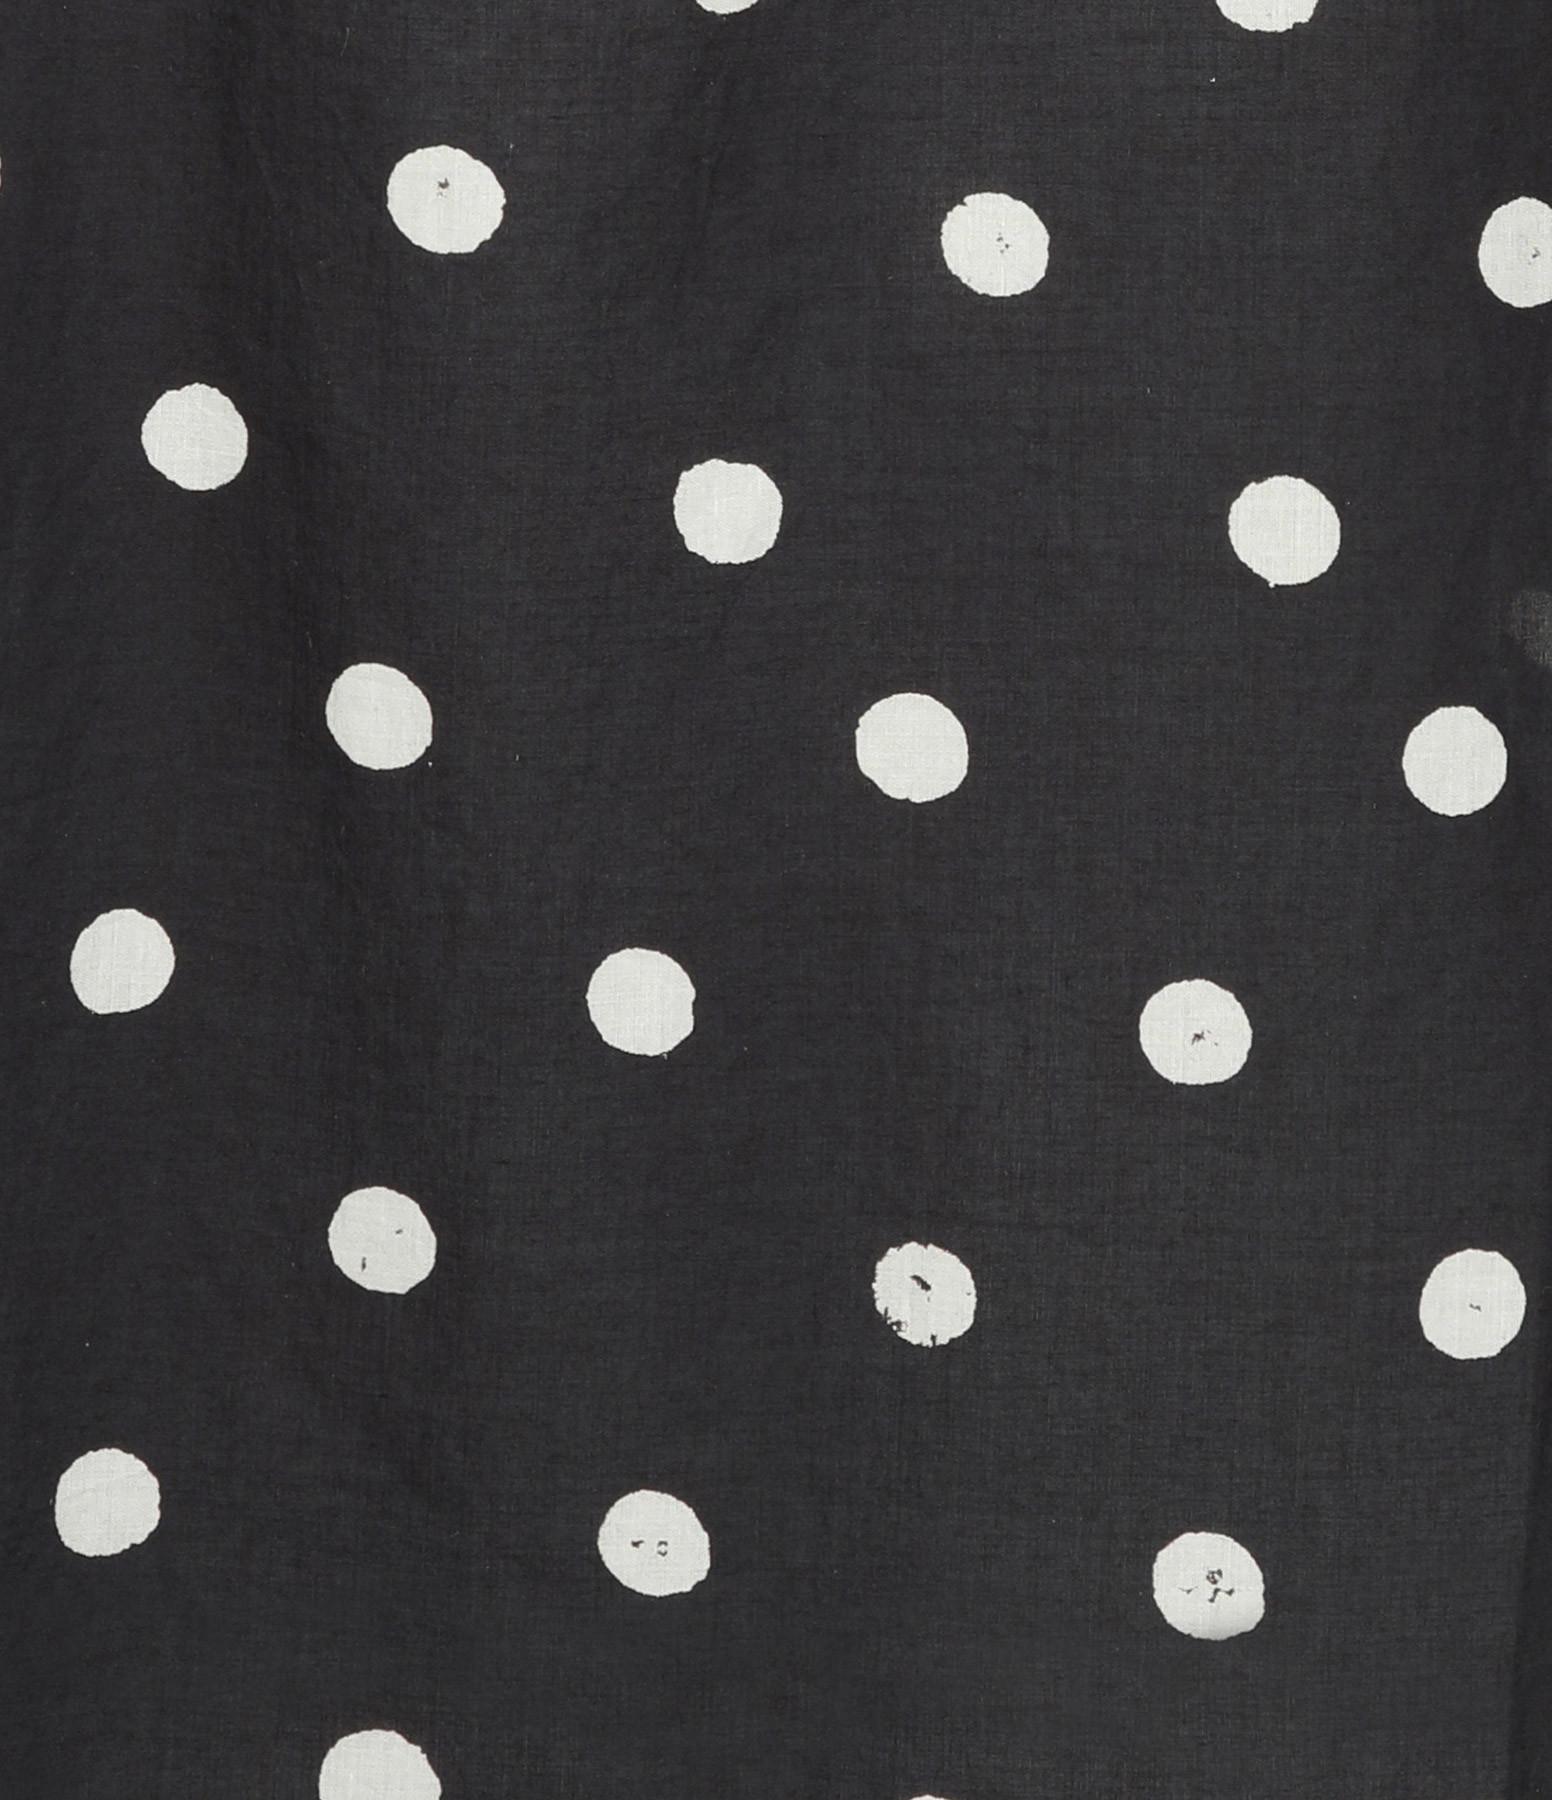 LAURENCE BRAS - Blouse Juul Coton Pois Noir